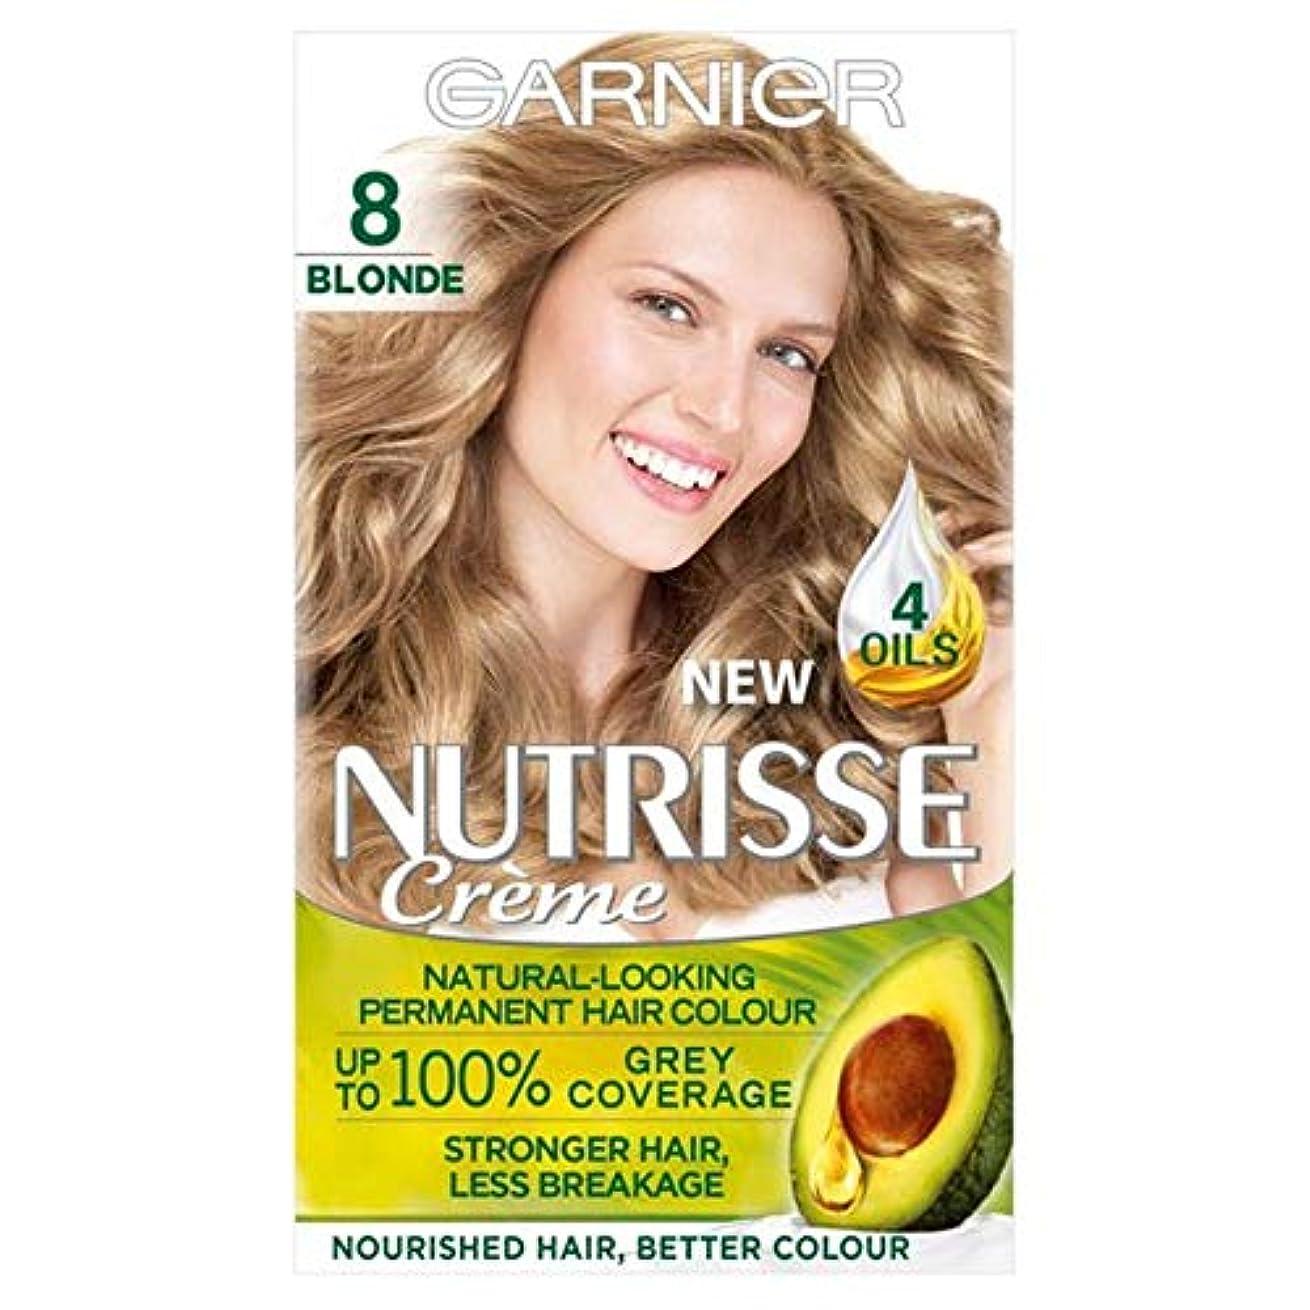 タフ複製とにかく[Nutrisse] 8ブロンドの永久染毛剤Nutrisseガルニエ - Garnier Nutrisse 8 Blonde Permanent Hair Dye [並行輸入品]